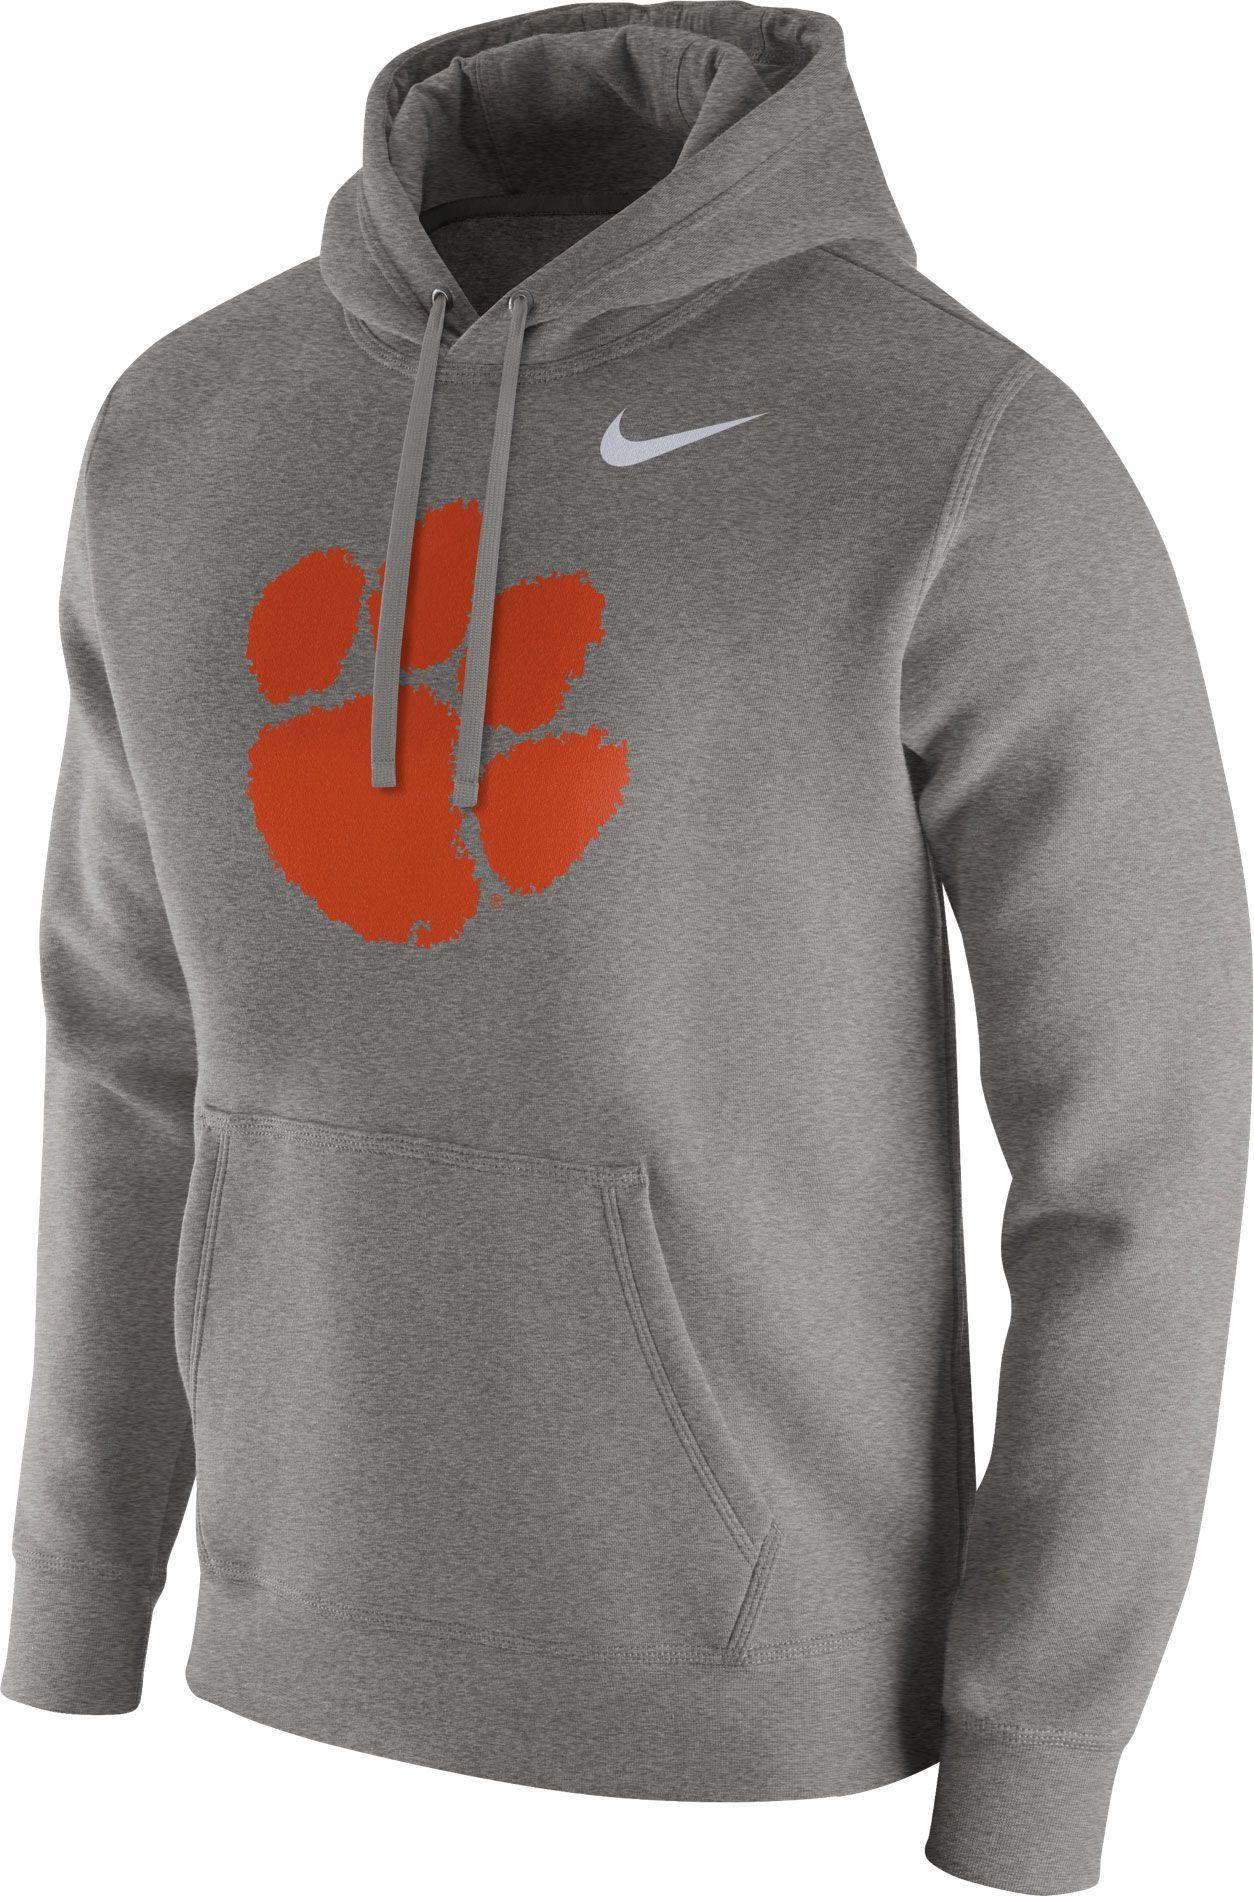 Pin By Antonia On Moda Grey Nike Hoodie Nike Hoodie Outfit Nike Sweatshirts Hoodie [ 1414 x 1020 Pixel ]